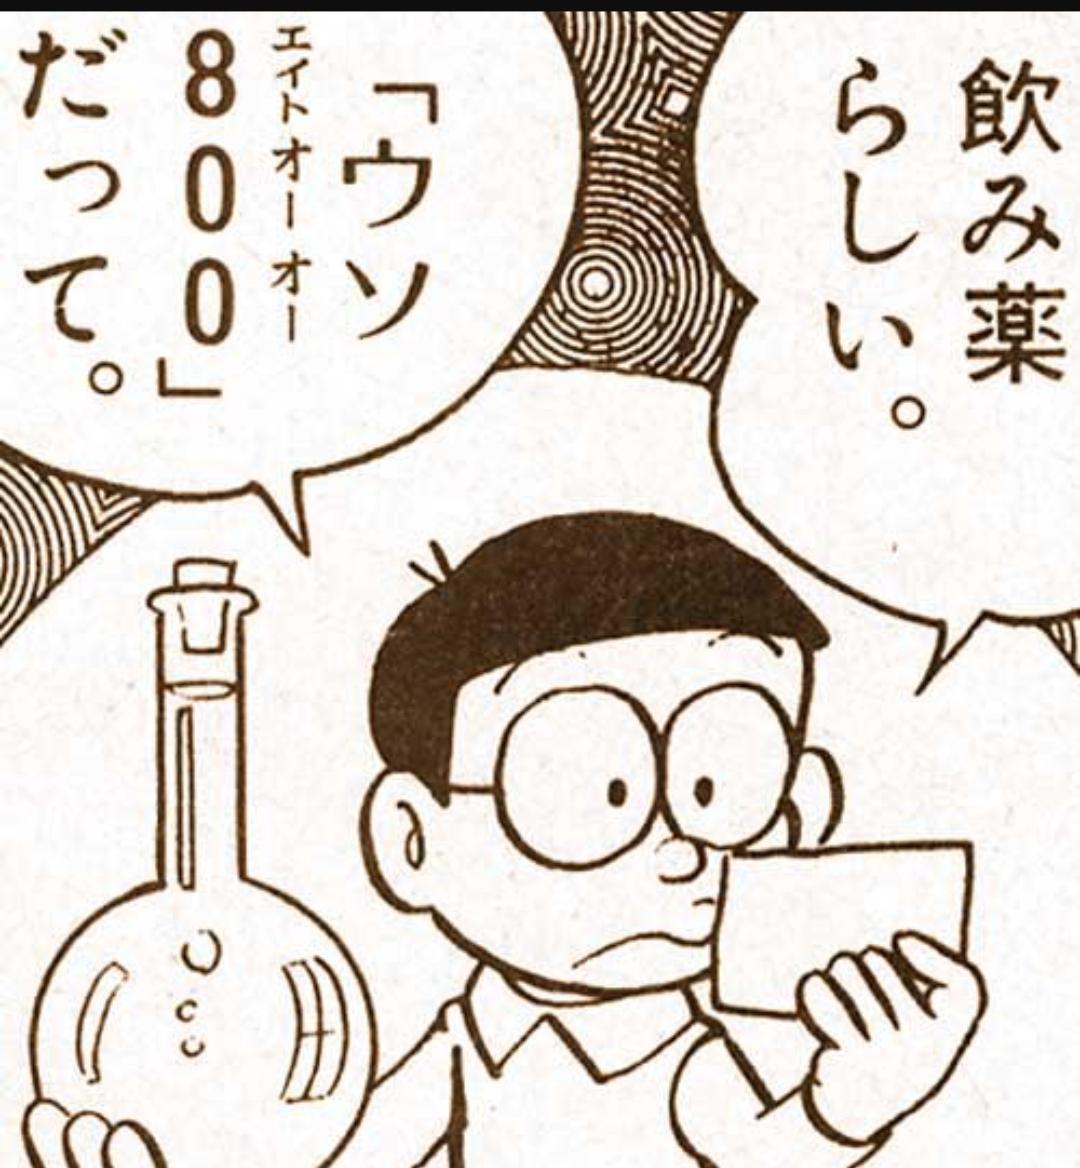 ☆ついた嘘がまことになるトピ☆